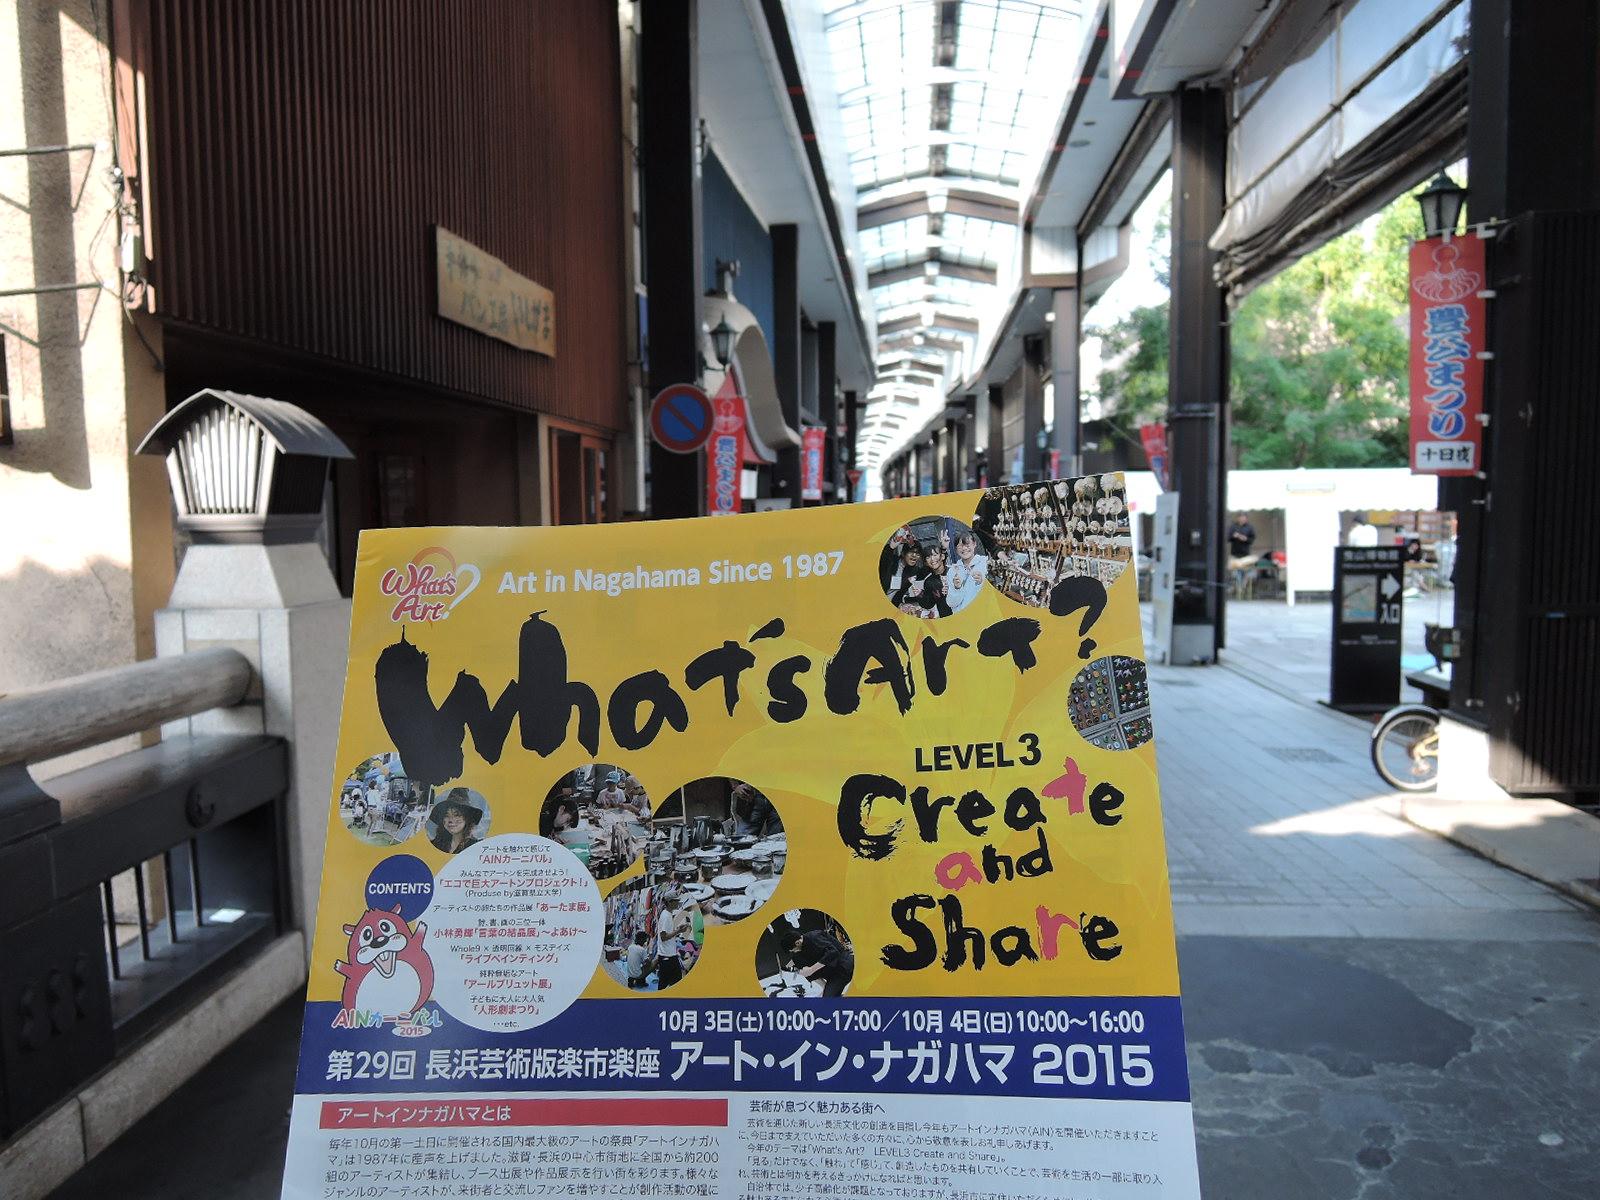 長浜芸術版楽市楽座アート・イン・ナガハマ2015二日目早朝の会場通り